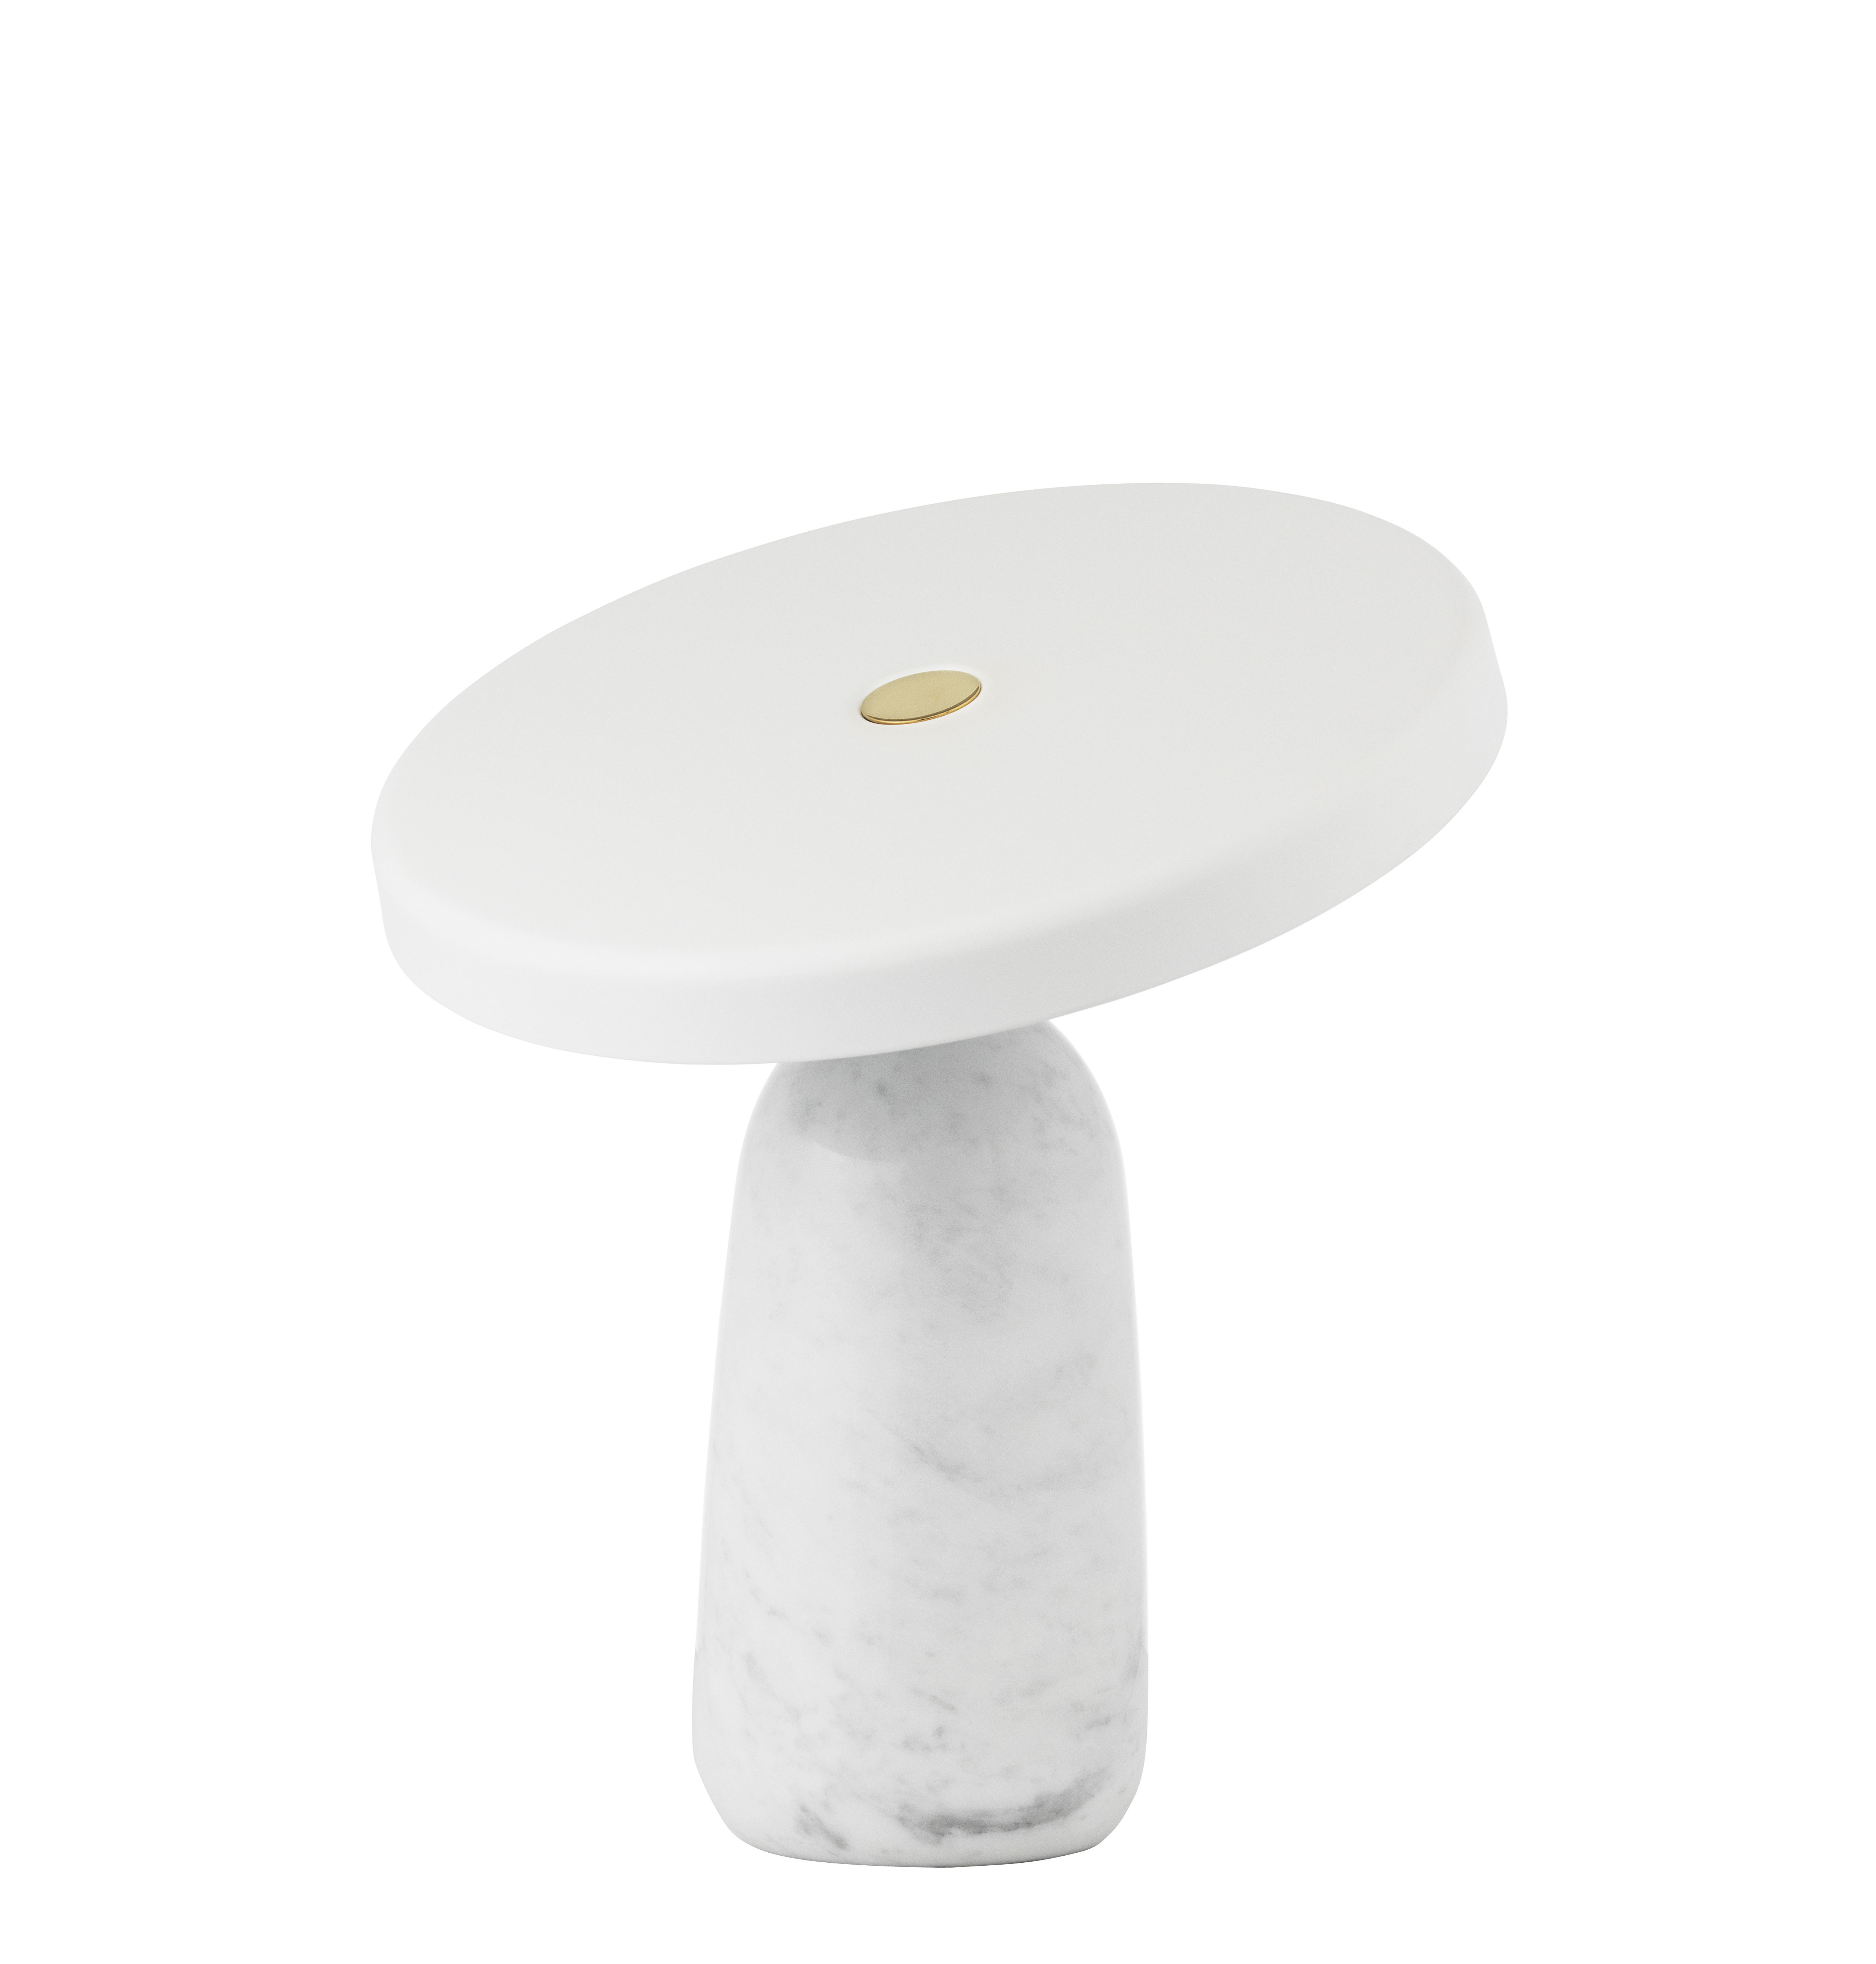 Illuminazione - Lampade da tavolo - Lampada da tavolo Eddy - / Con perno - Marmo & acciaio stampigliato di Normann Copenhagen - Bianco - Acier embouti, Marbre italien, Ottone